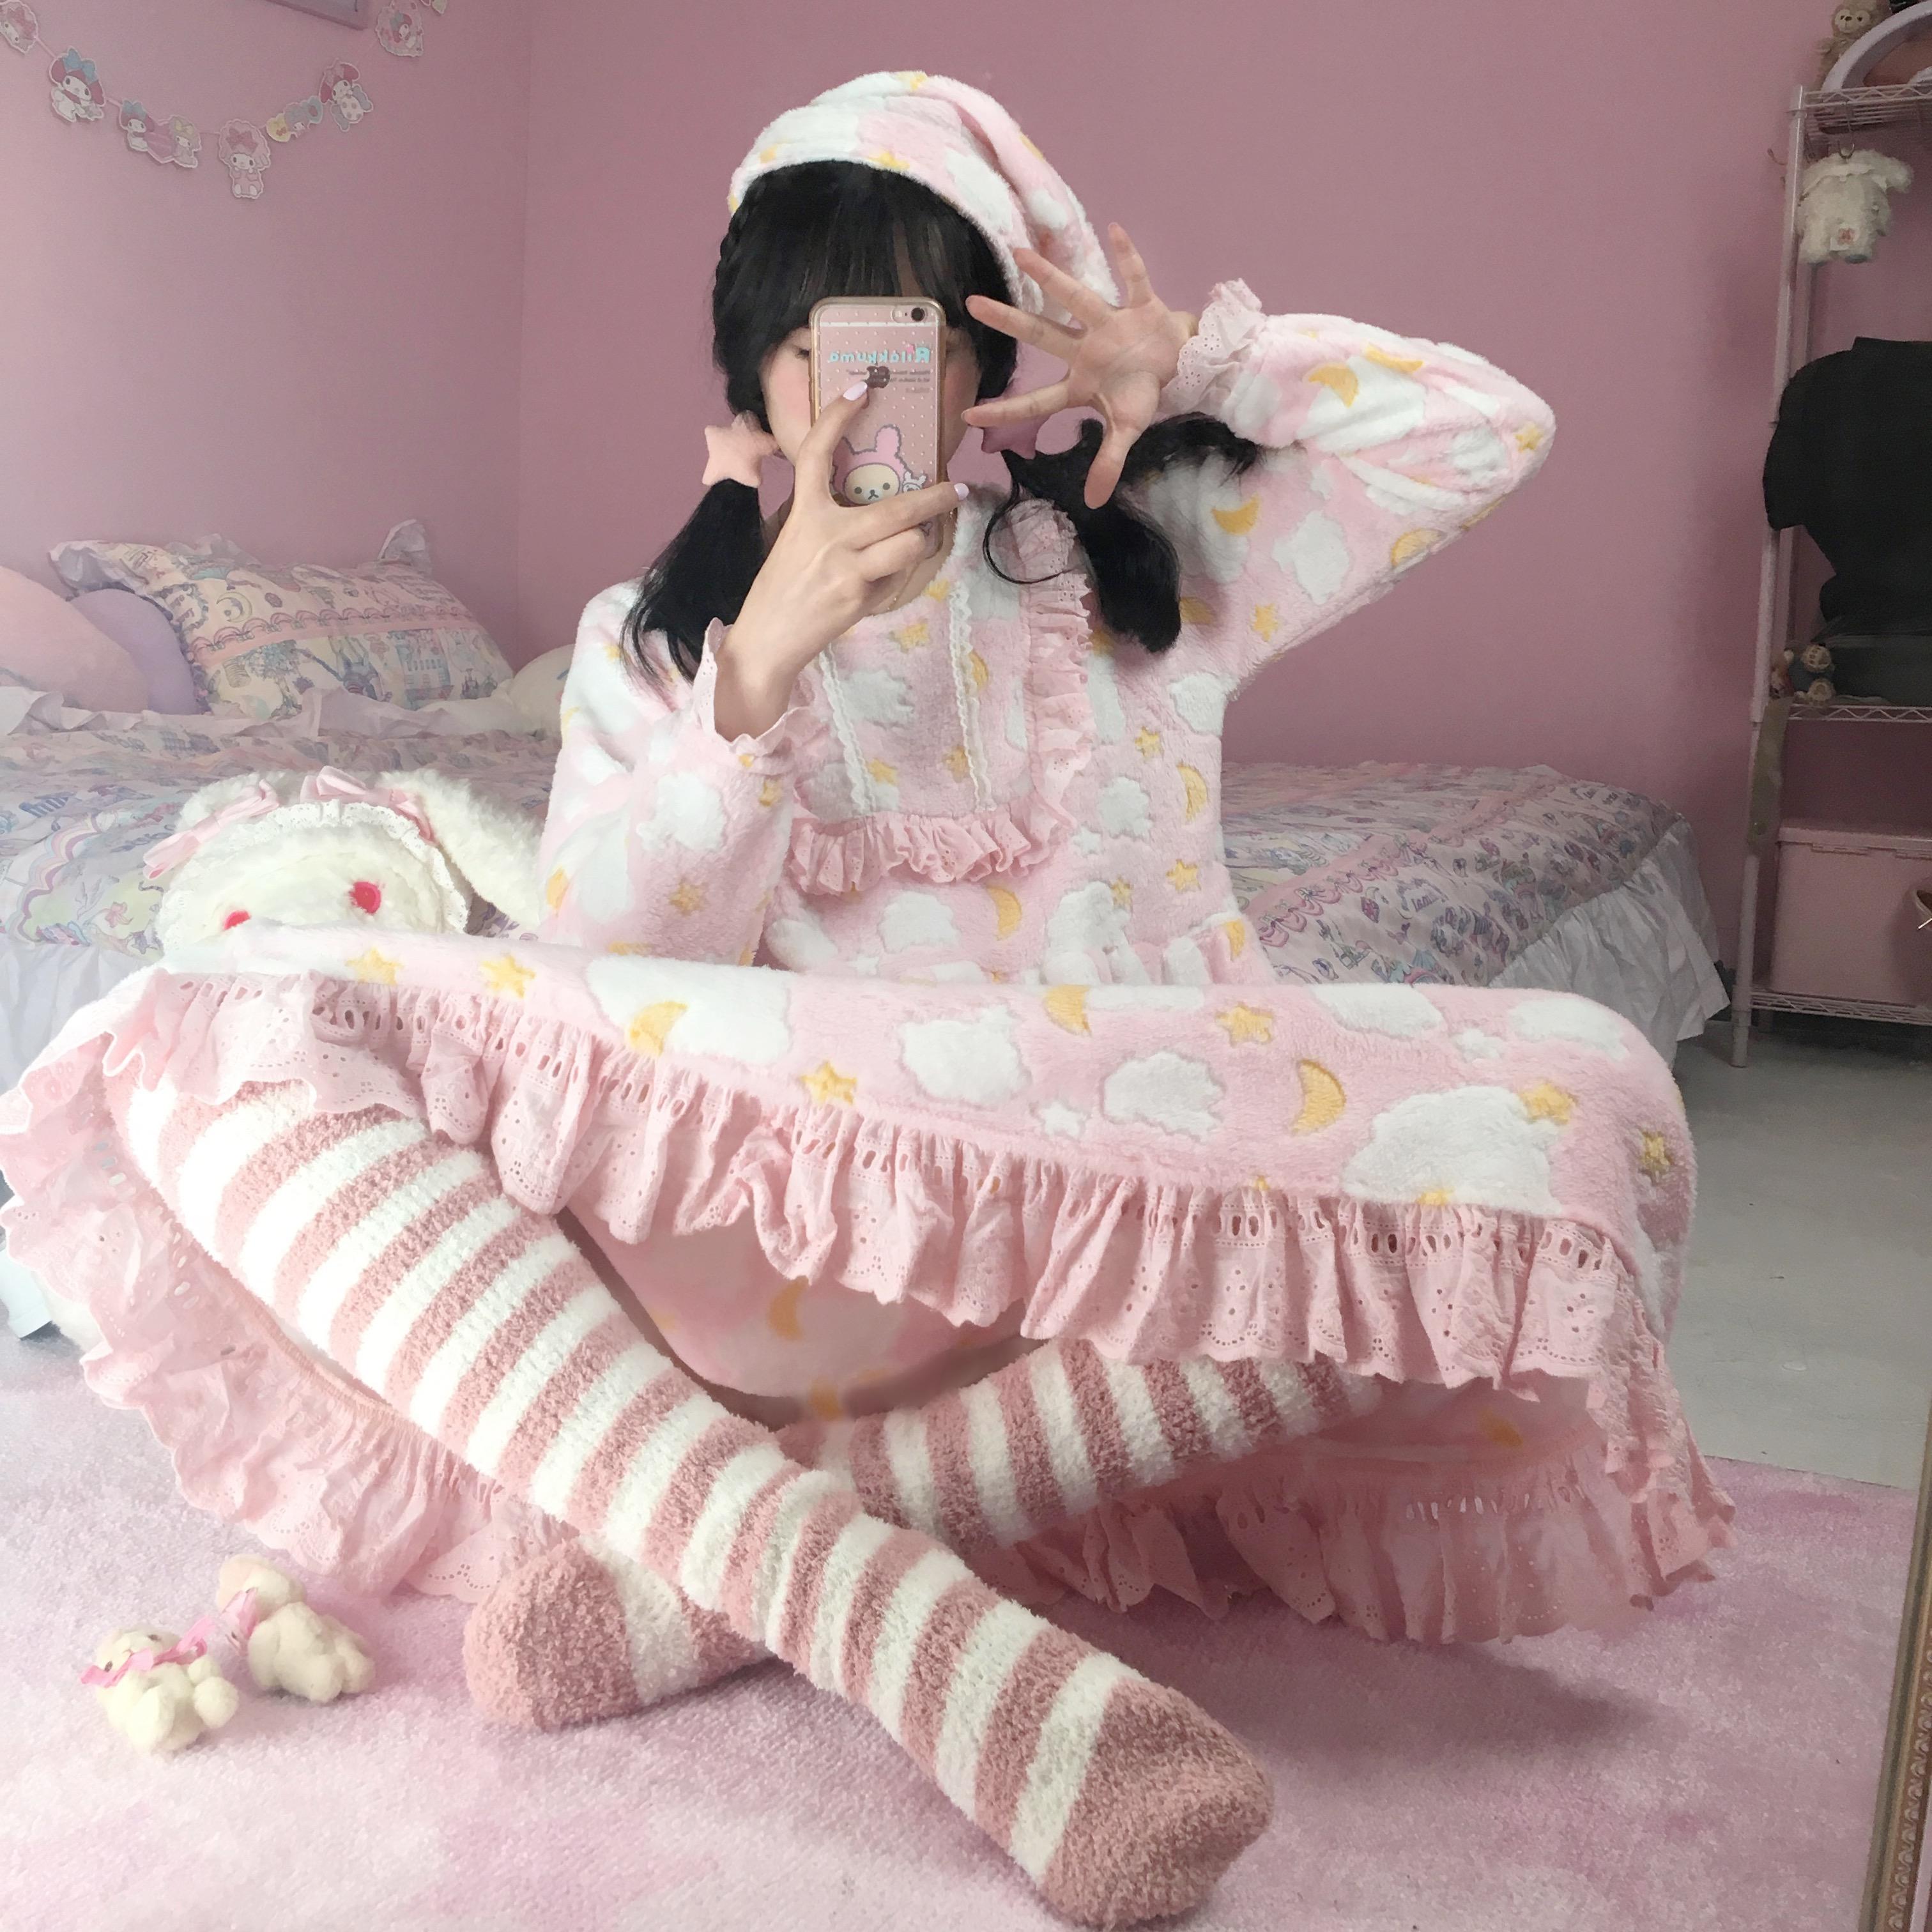 【十二工作室】晚安睡衣 经典款 珊瑚绒家居适用舒适可爱睡裙